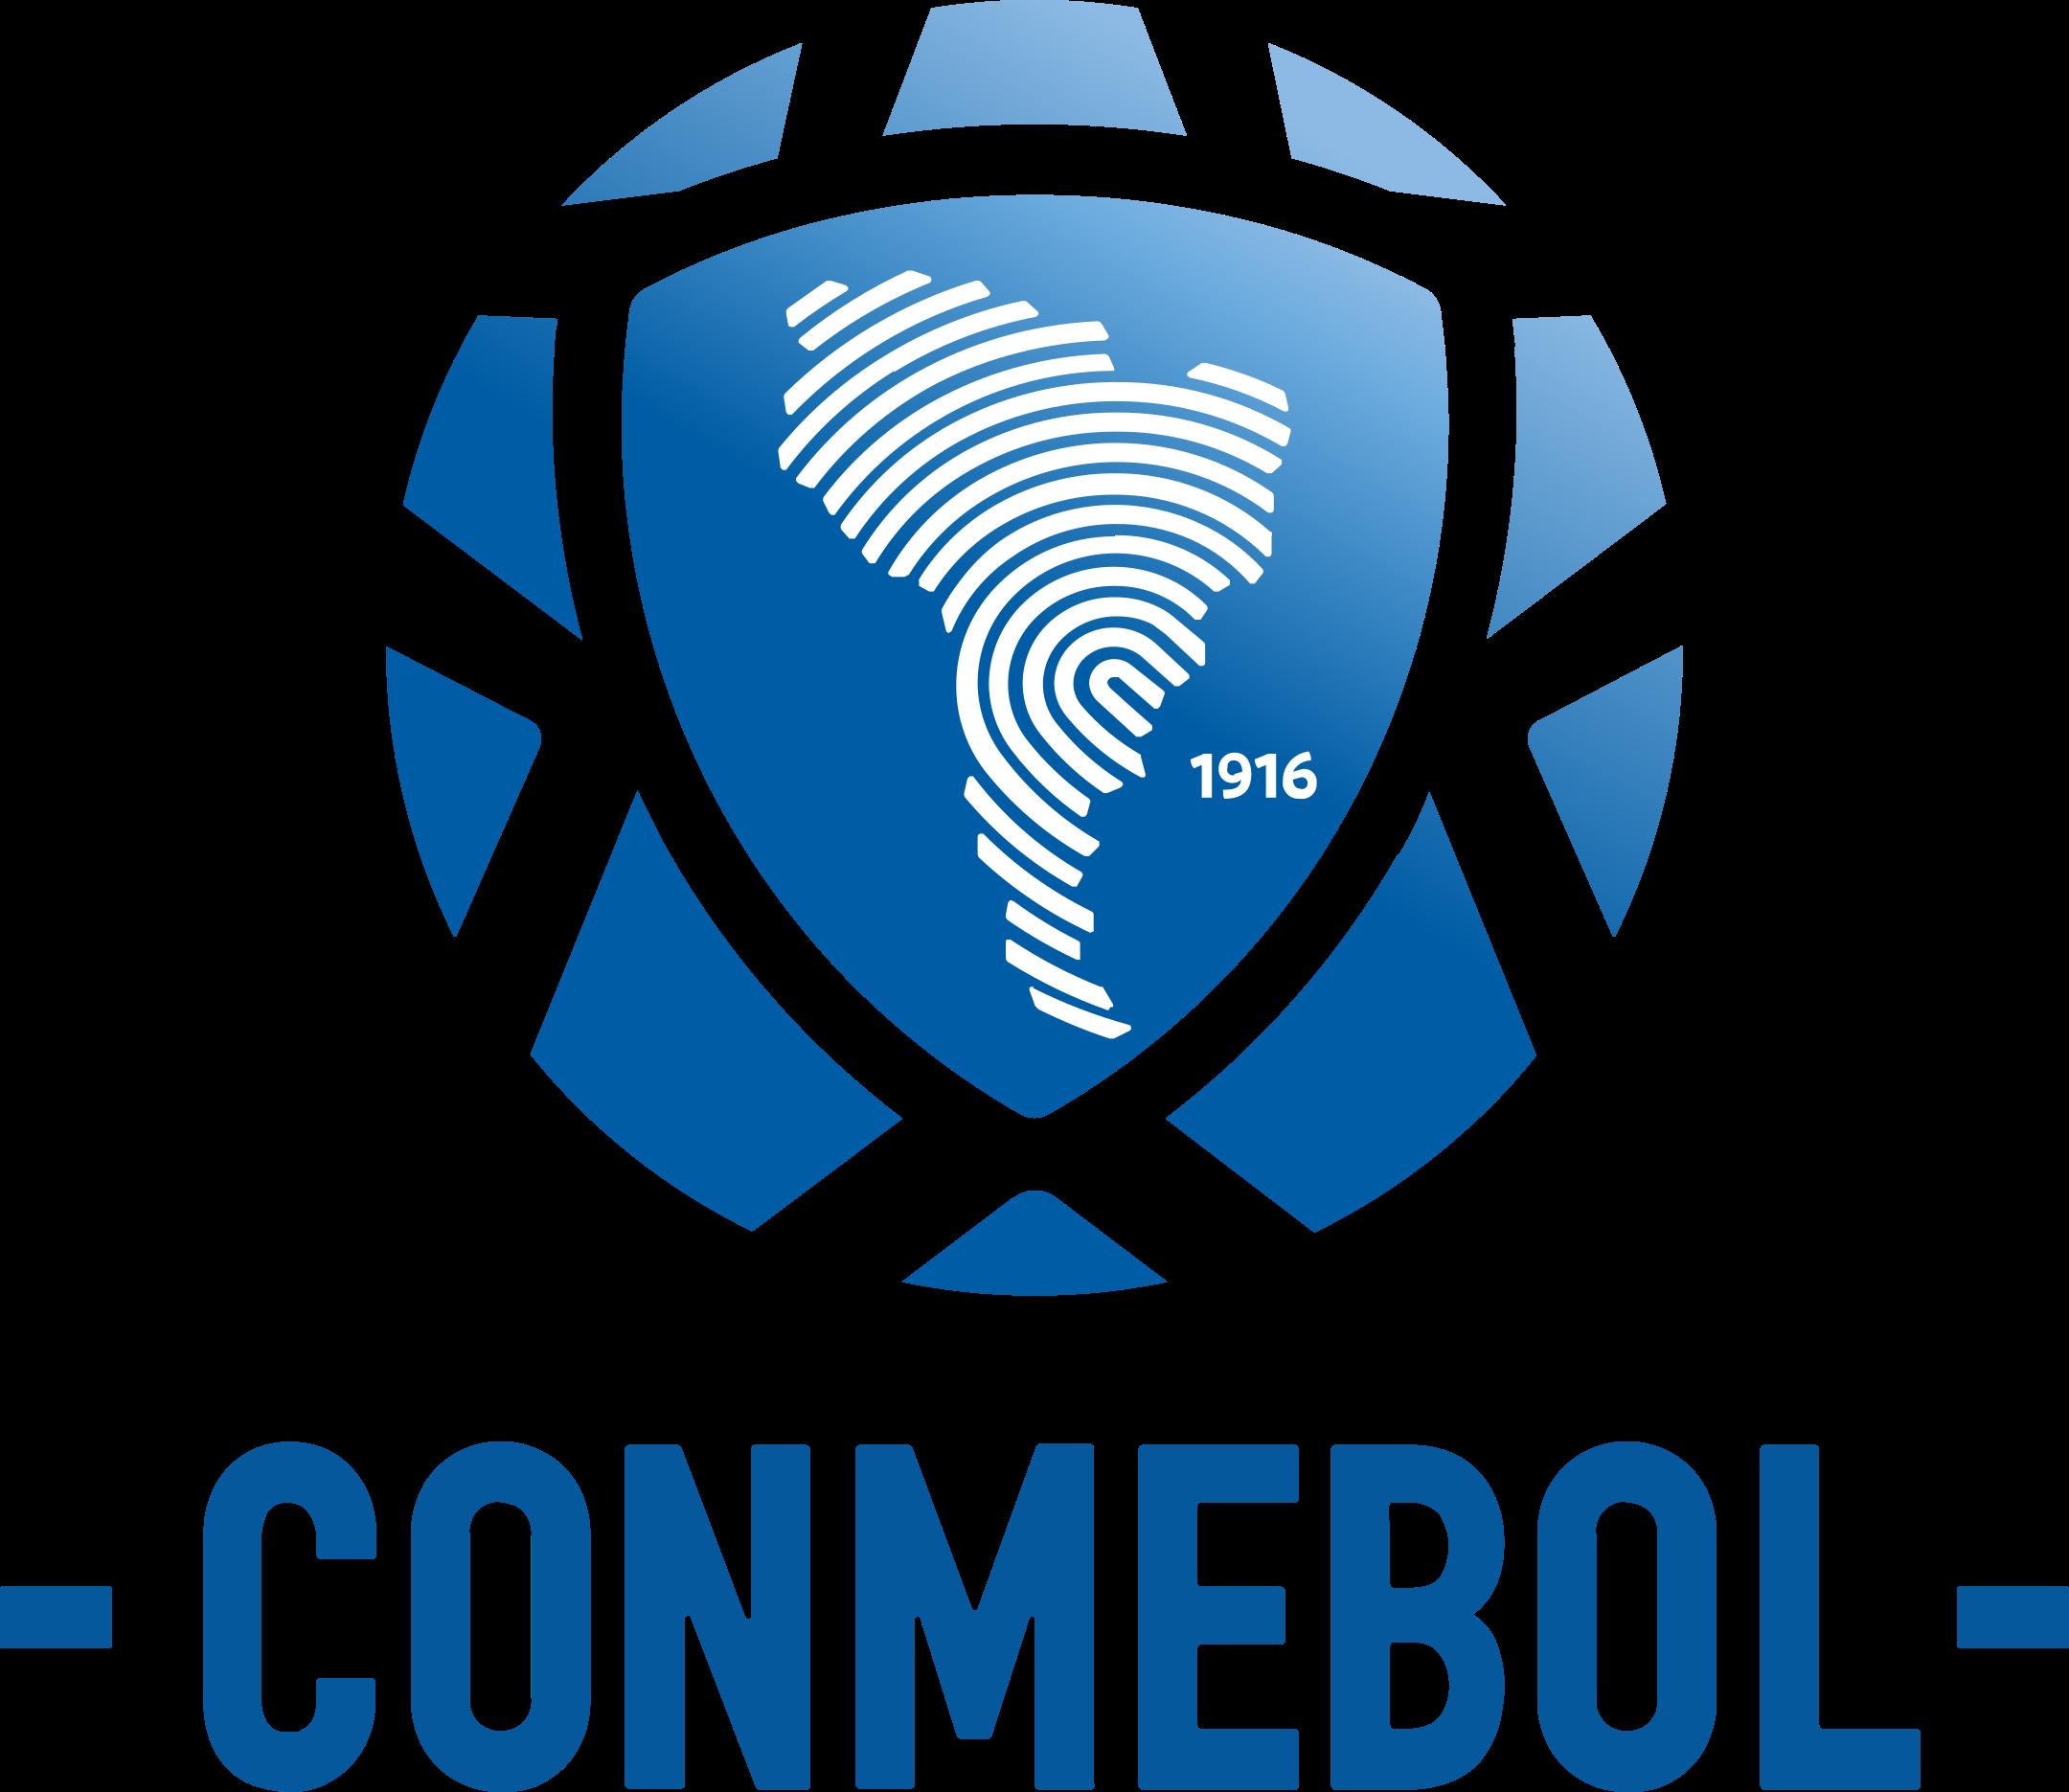 conmebol logo 1 - CONMEBOL Logo